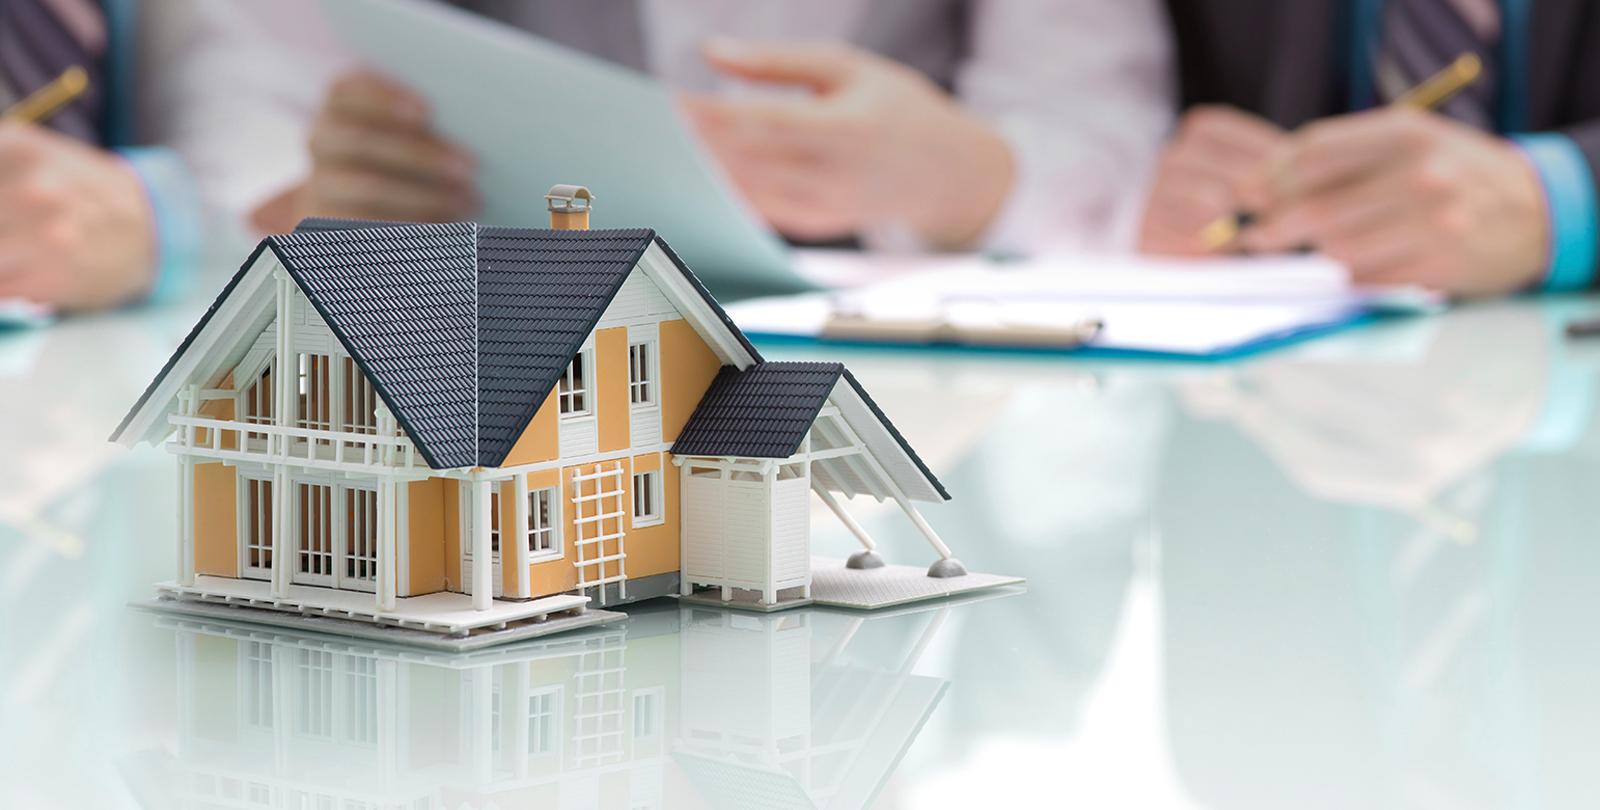 Mua nhà vào thời điểm nào là hợp lý và gia đình bạn có nên mua chung cư vào lúc này - Ảnh 2.